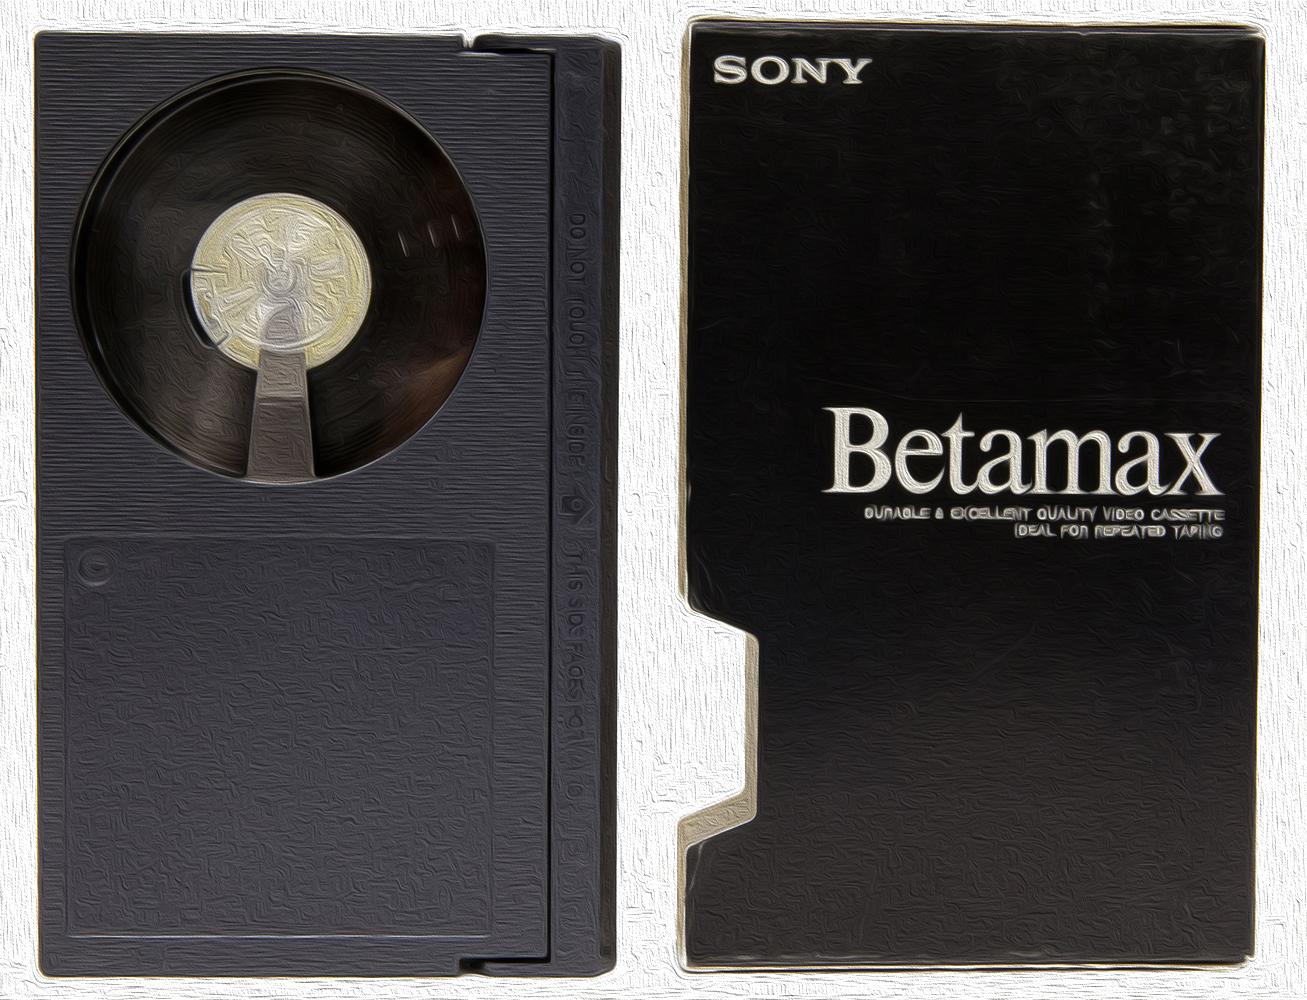 Betamax - 4 Format Video Kuno, Cara Orang Tua Dahulu Menikmati Film